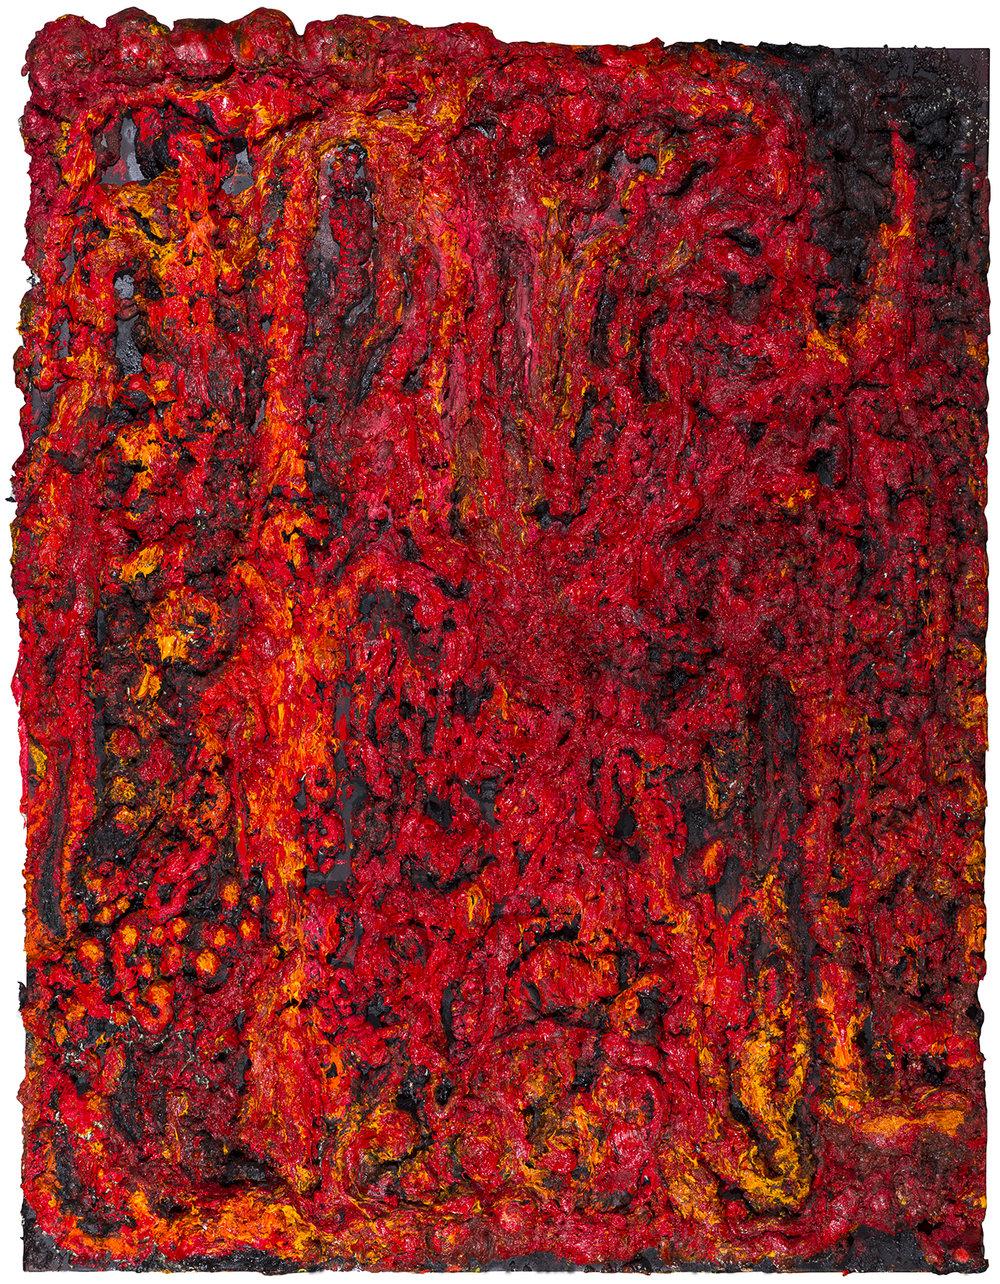 Magma Mutant, 2017 Oil, gesso, acrylic, polyurethane foam on canvas 270 x 210 cm